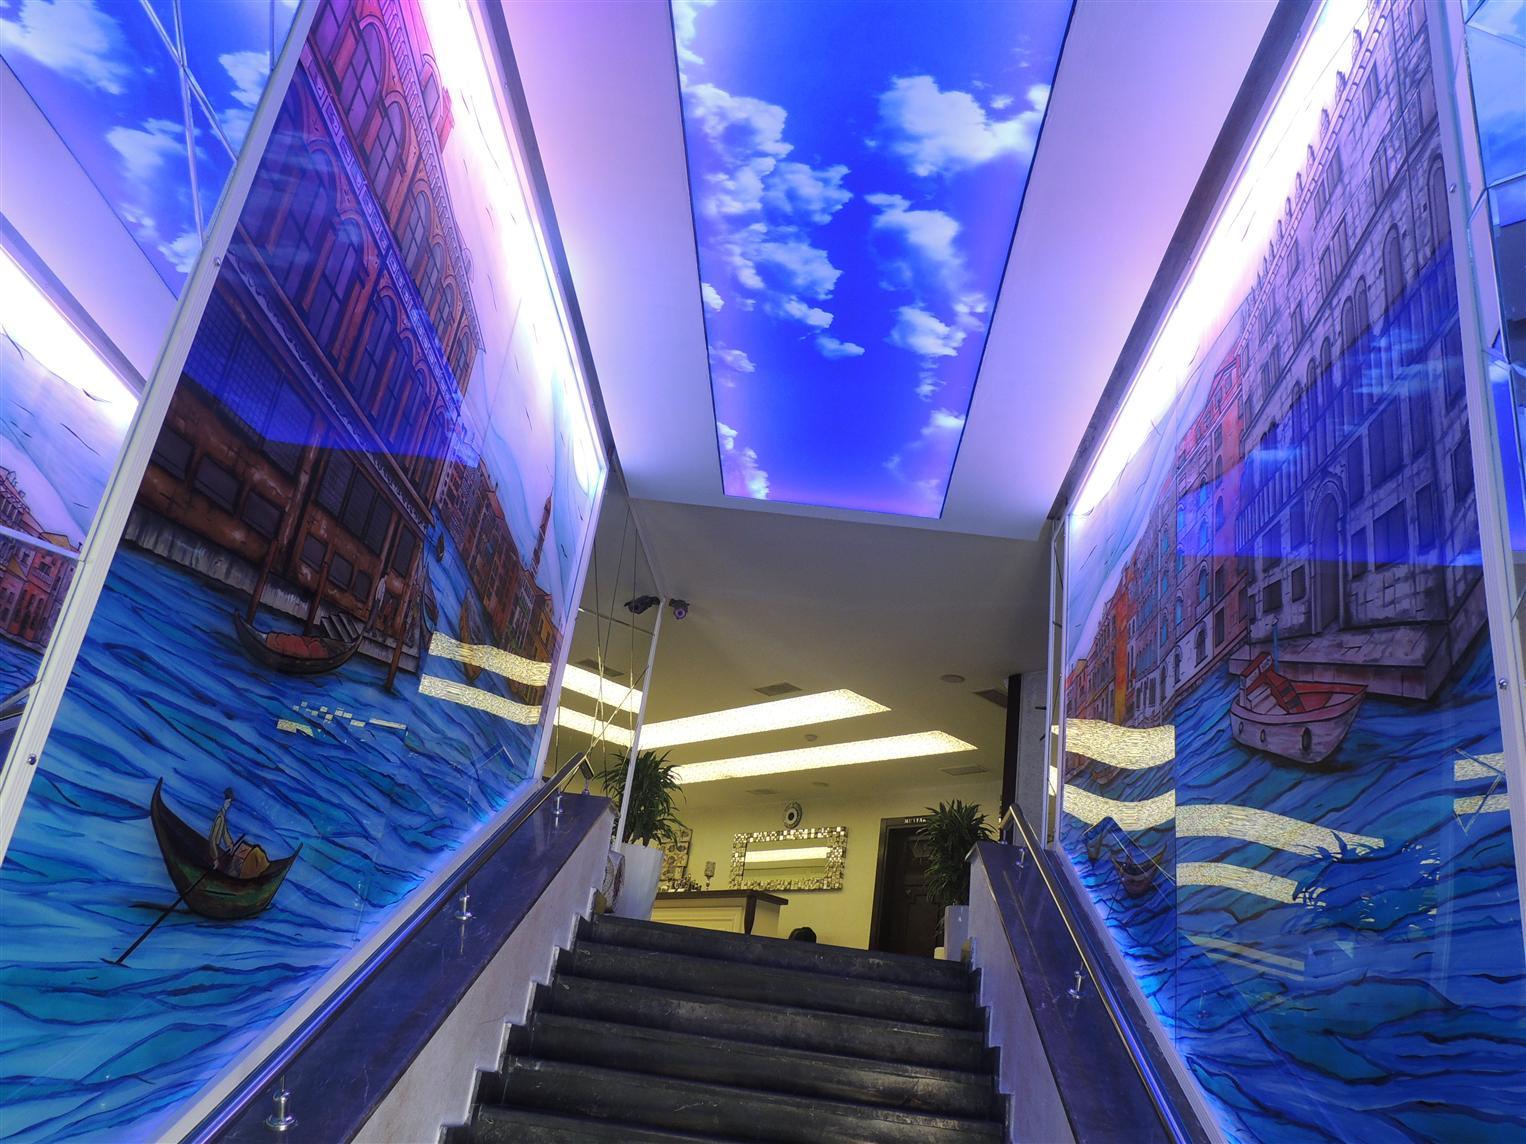 uckuyular-bogazici-restaurant2015921154219805.jpg izmir vitray çalışması